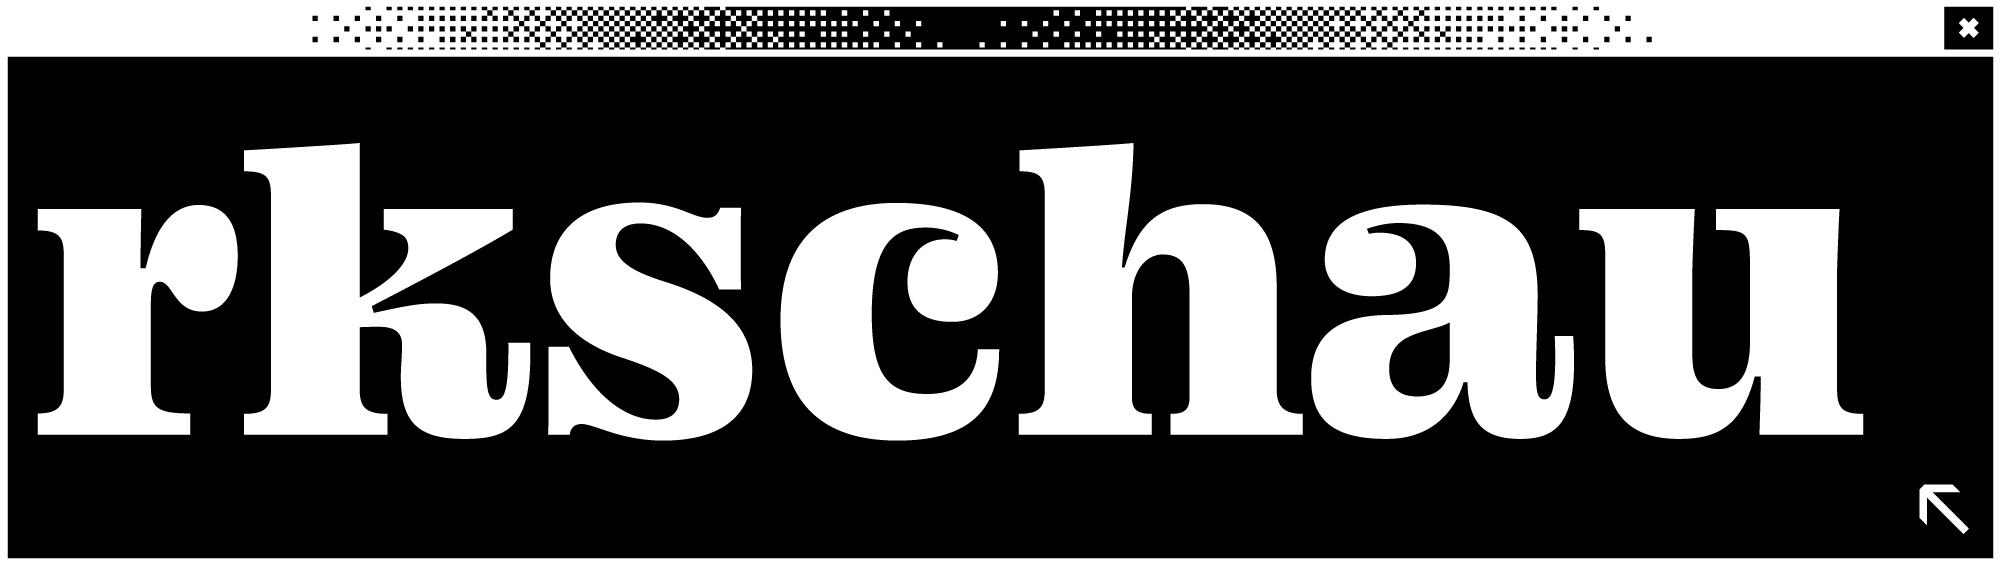 Schwarzes Bildschirmfenster mit dem Wort Werkschau in der Mitte